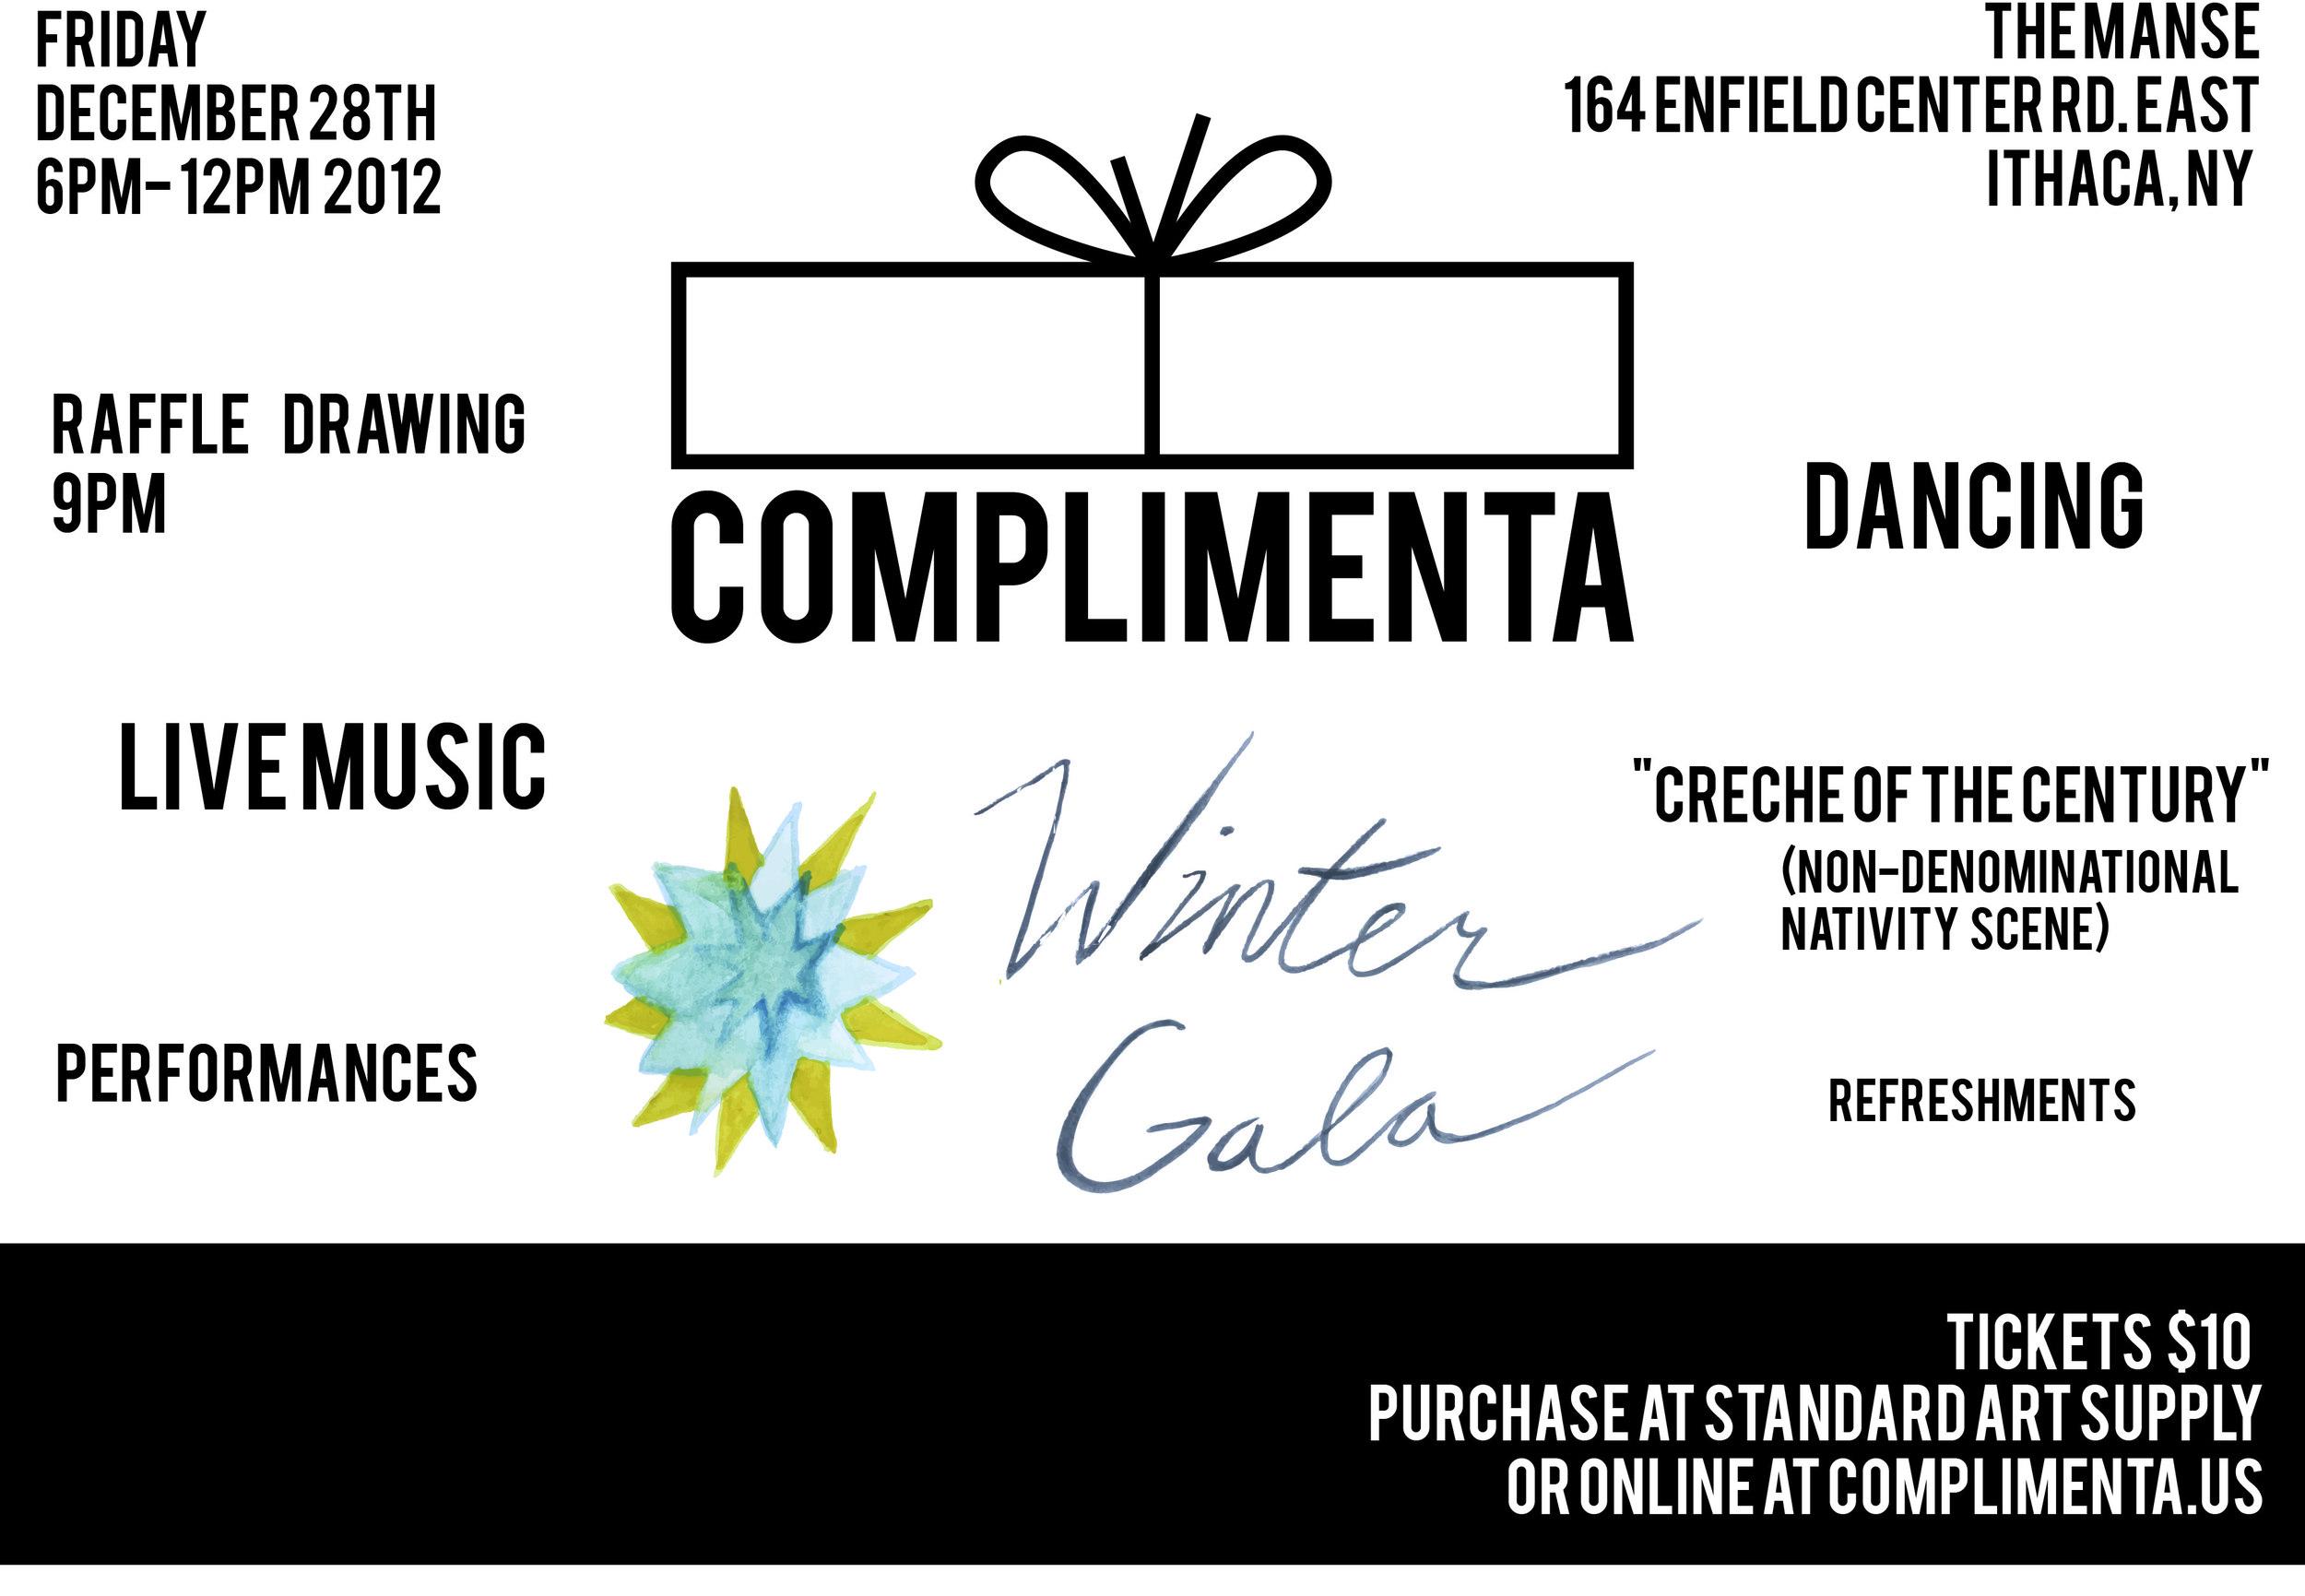 Invitation for Complimenta's Winter Gala